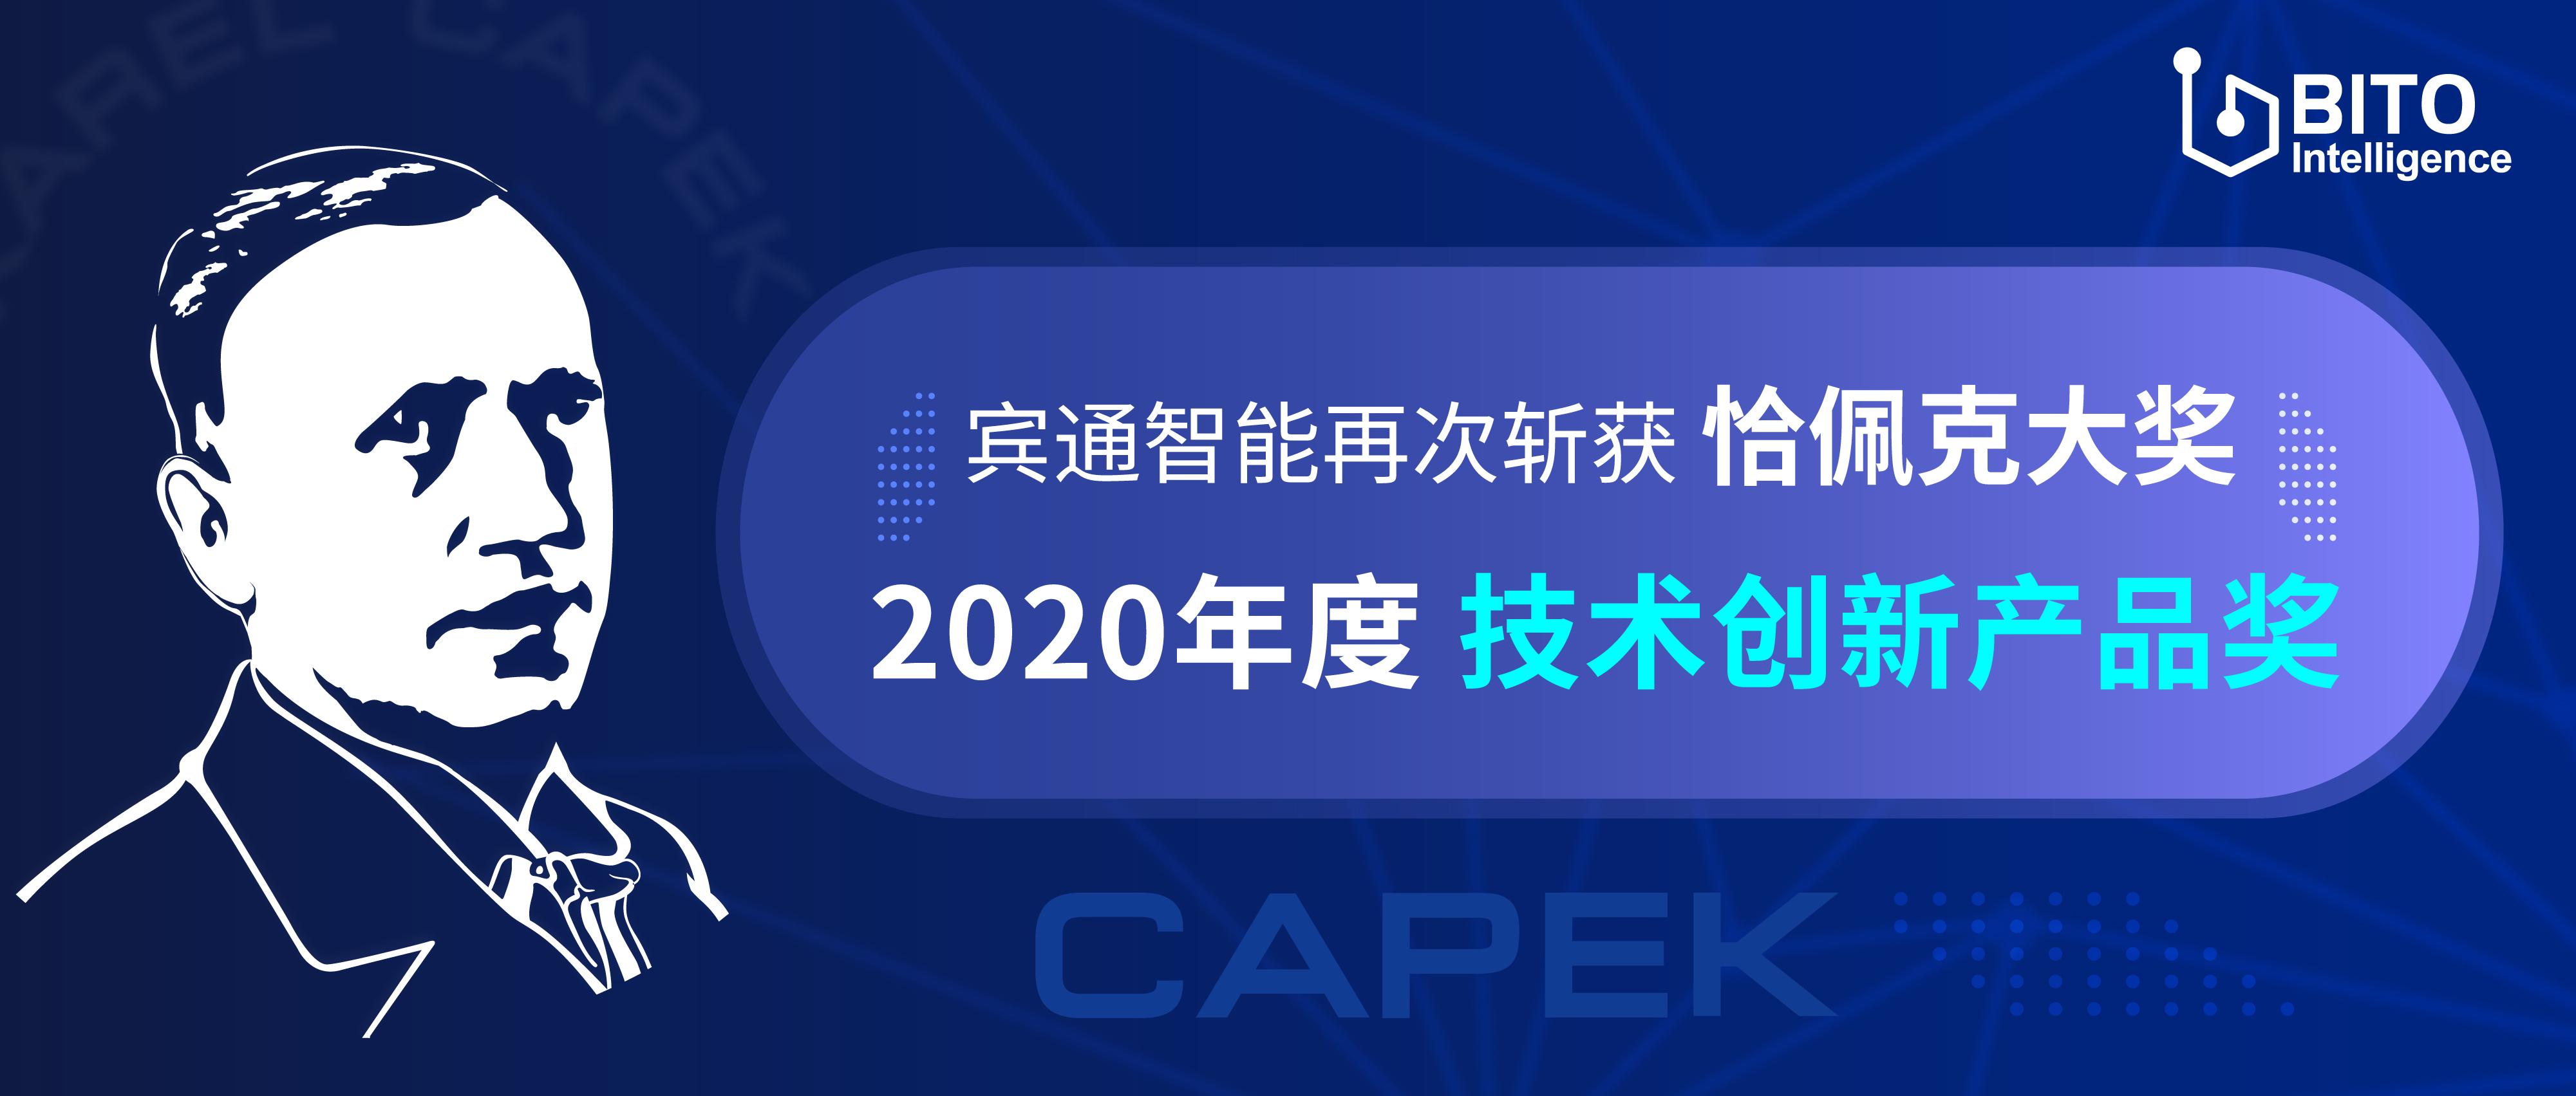 宾通智能再次斩获恰佩克大奖-2020年度技术创新产品奖